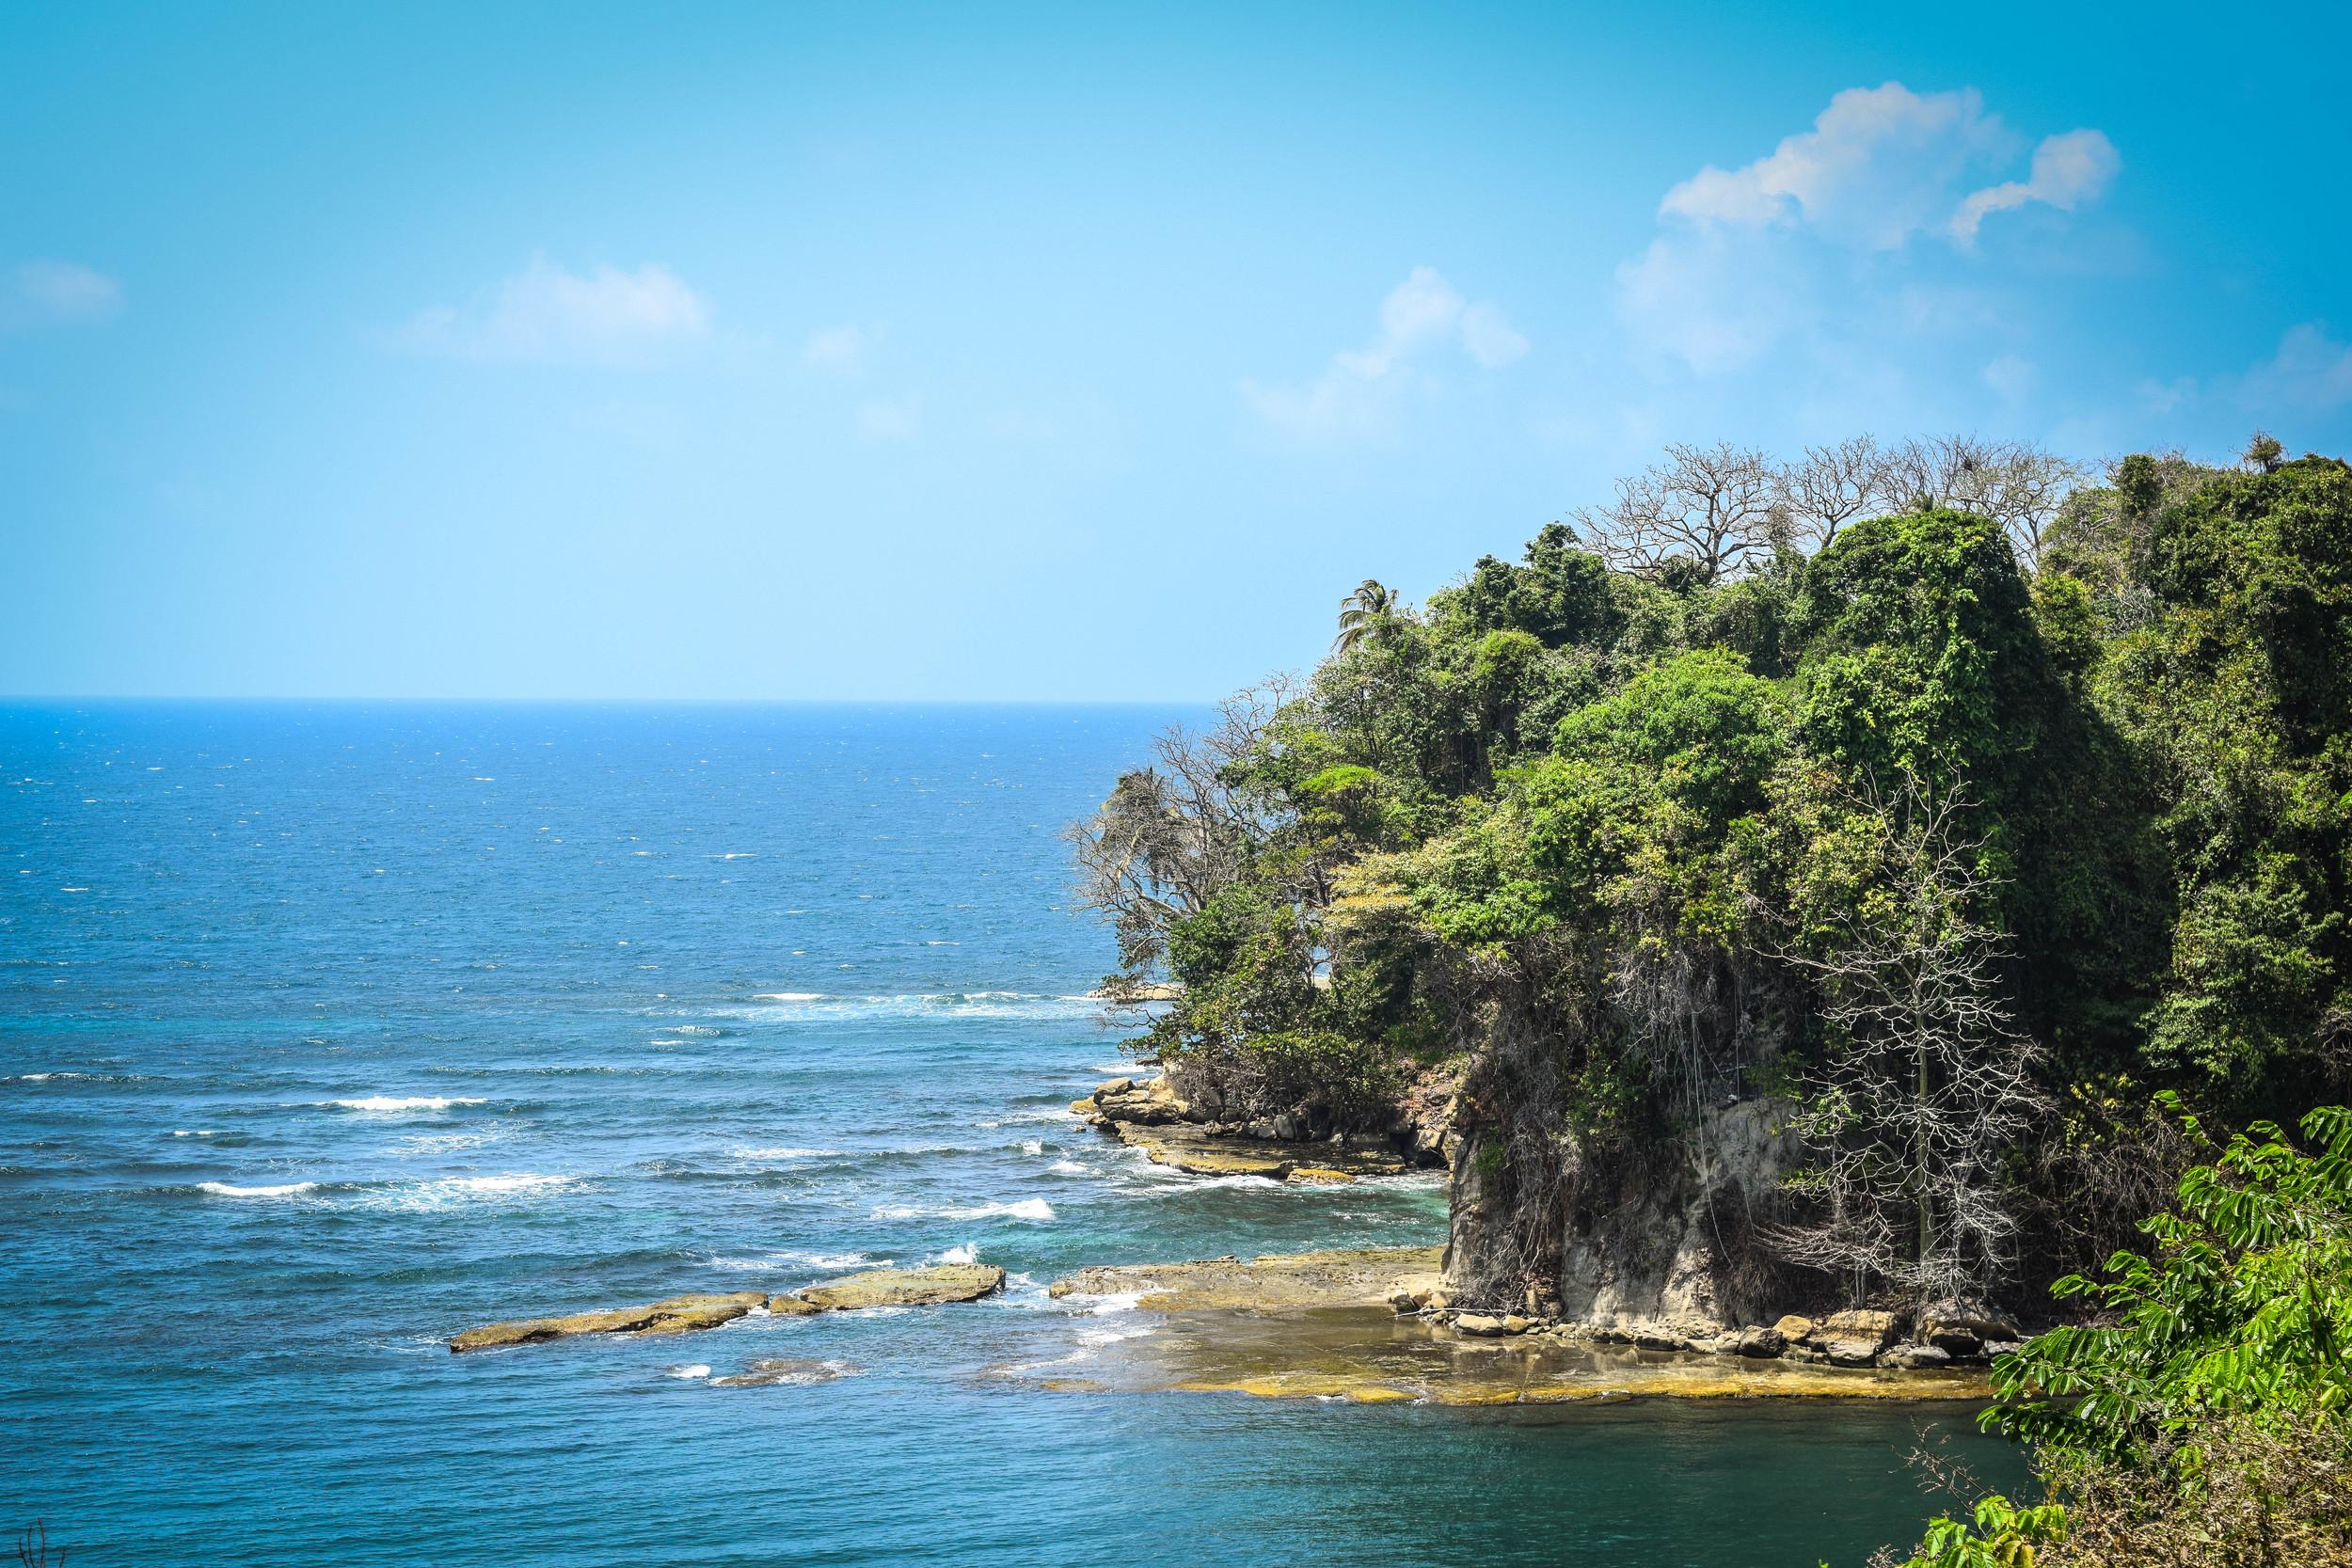 Coastline of Panama